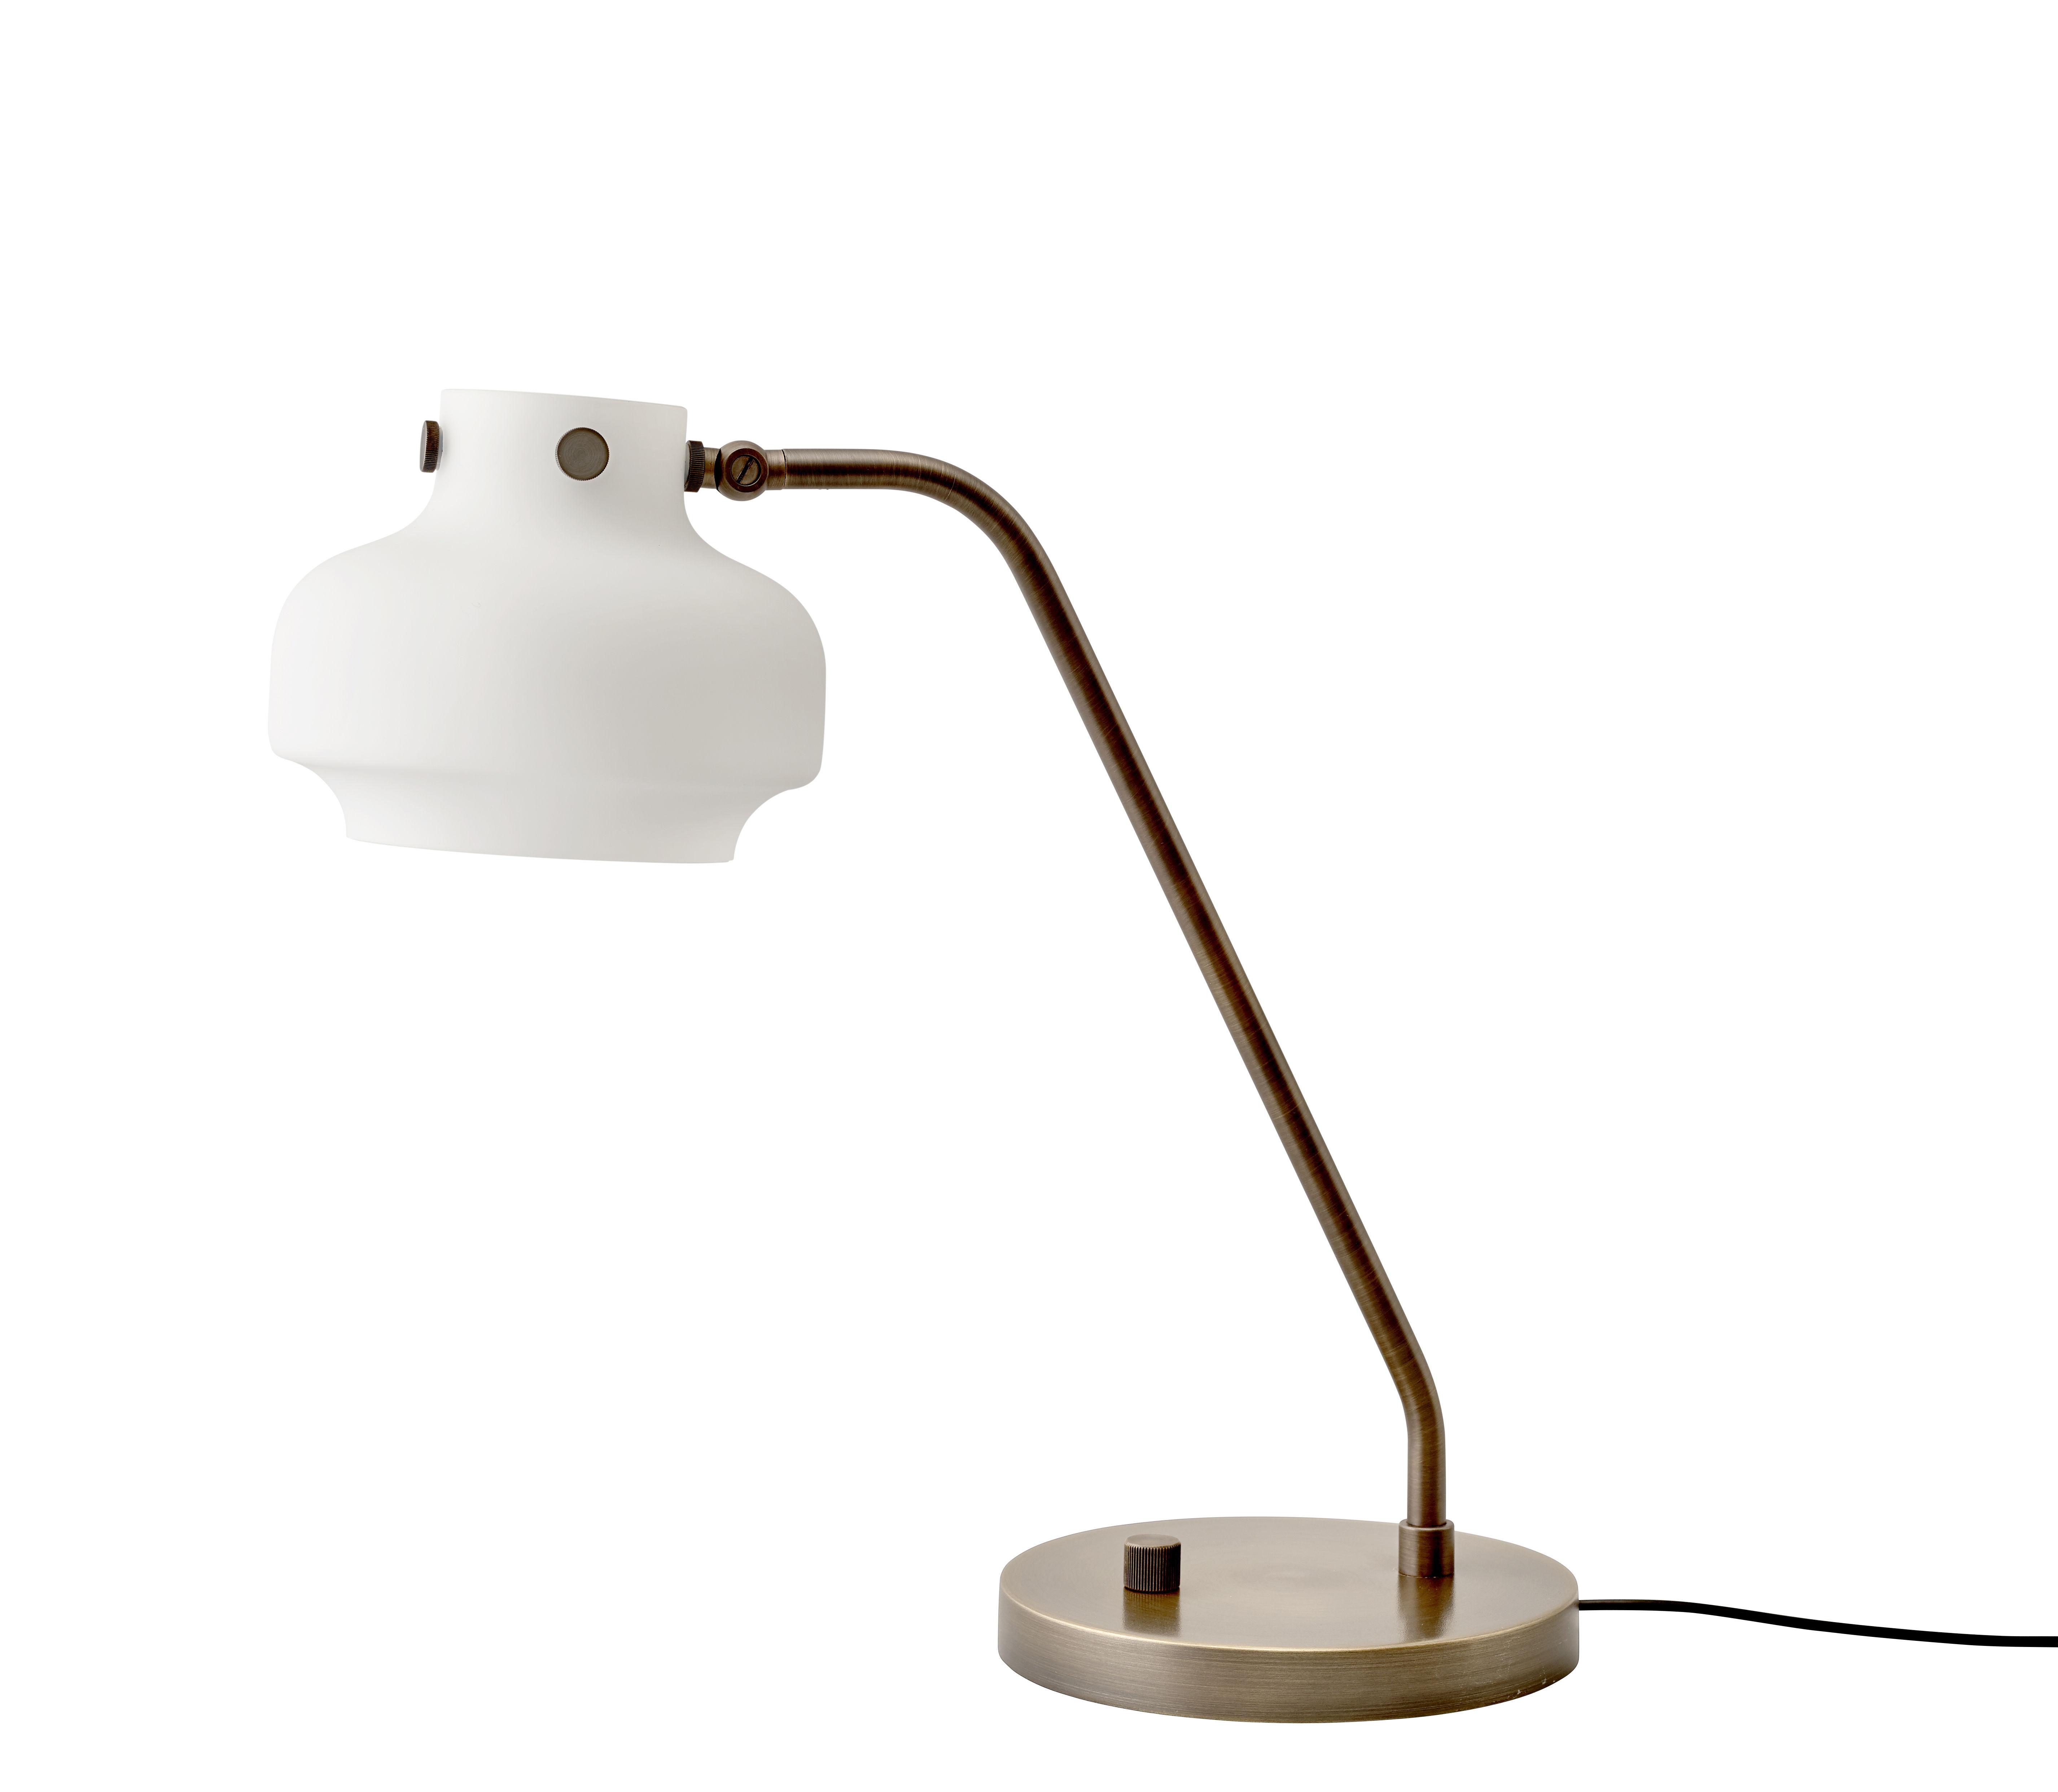 Illuminazione - Lampade da tavolo - Lampada da tavolo Copenhague SC15 - / LED - Ø 16 cm - Vetro di &tradition - Bianco / Bronzo - Ottone, Vetro soffiato a bocca